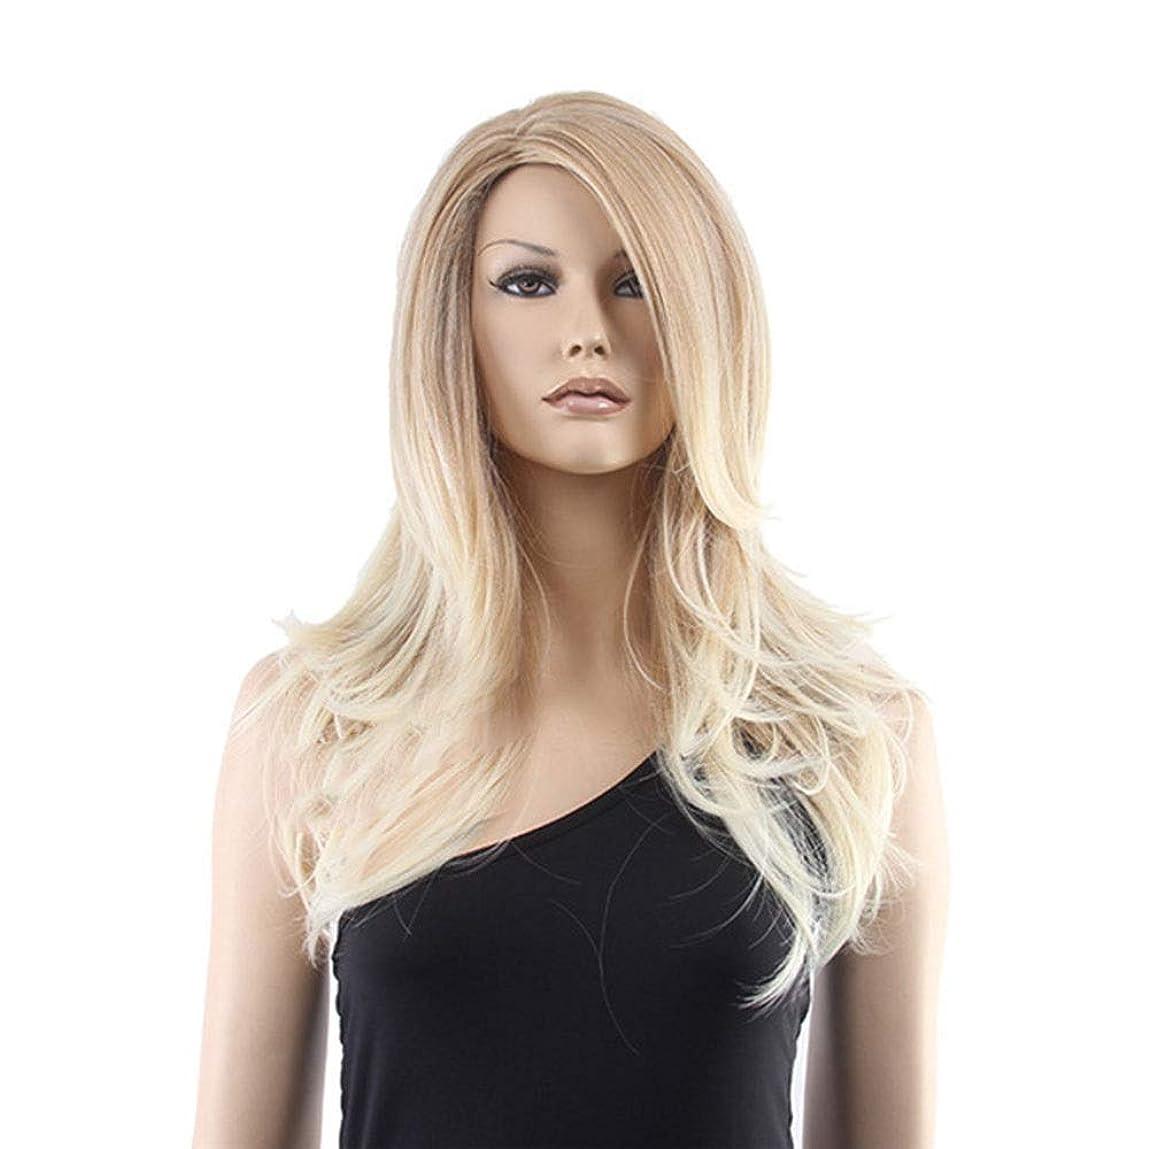 北西問い合わせ簡単にYrattary 女性用ウィッグリネンマイクロロールロングヘアと前髪の人工的なかつら合成毛レースのかつらロールプレイングかつら (色 : Photo Color)